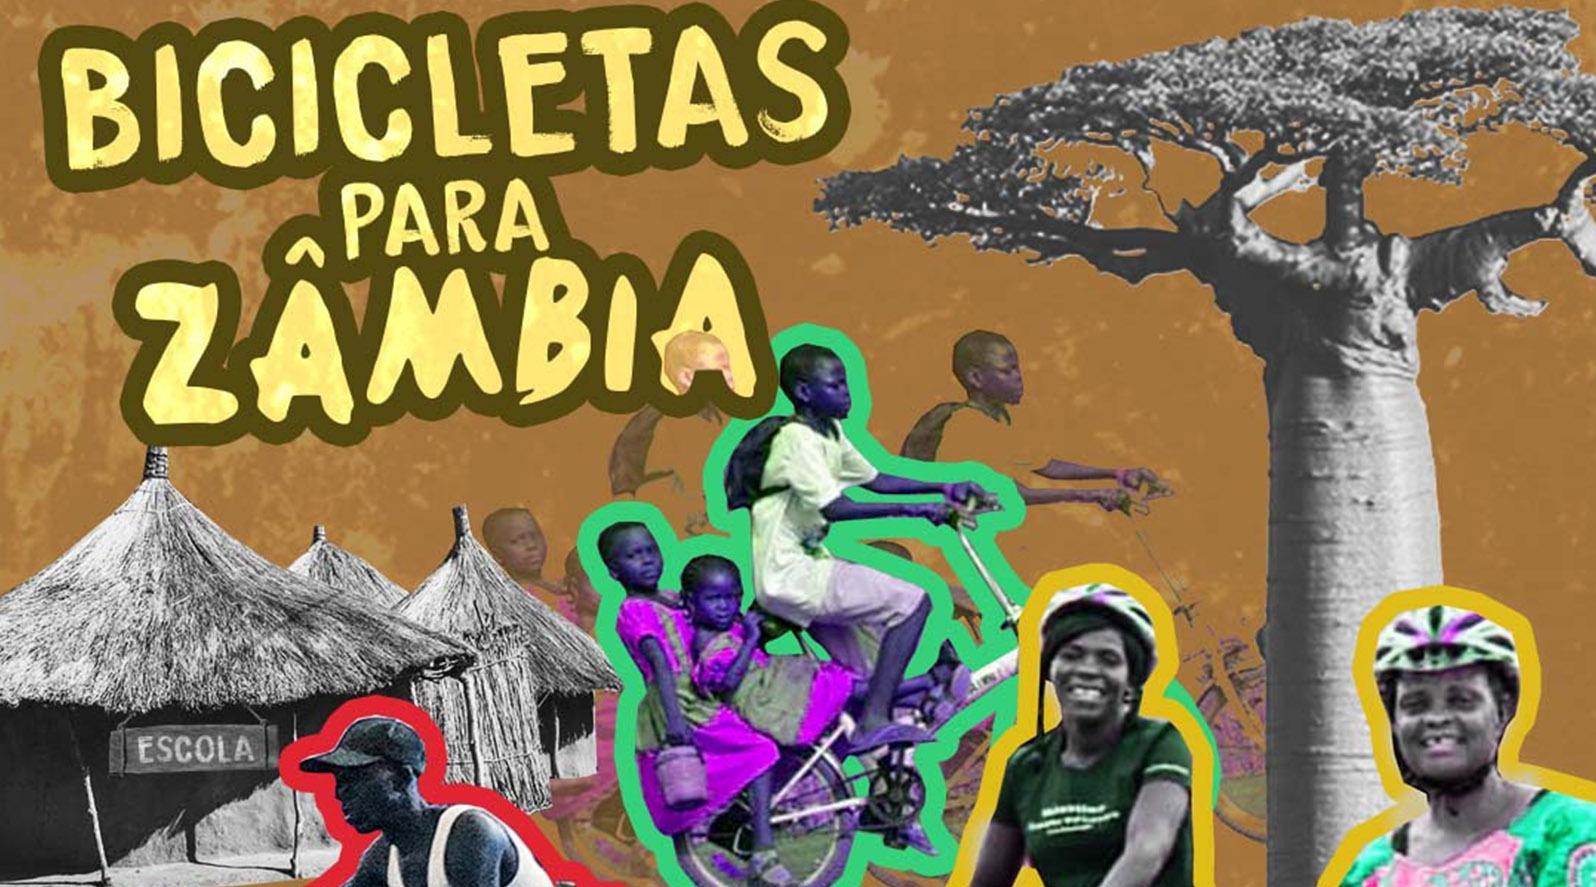 Bicicletas para Zambia